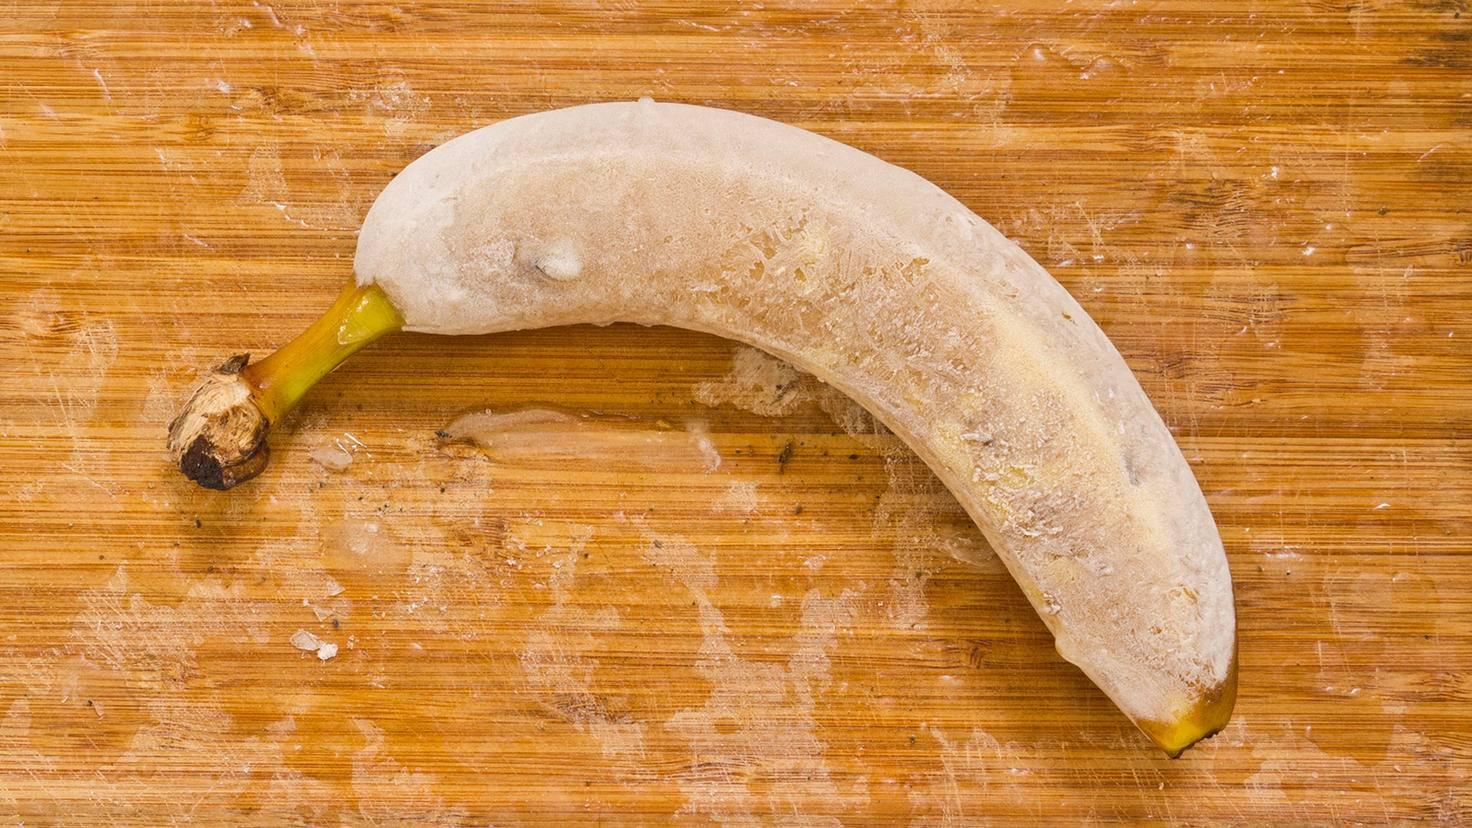 Im ganzen Stück gefroren lässt sich einen Banane nur schwer verarbeiten.